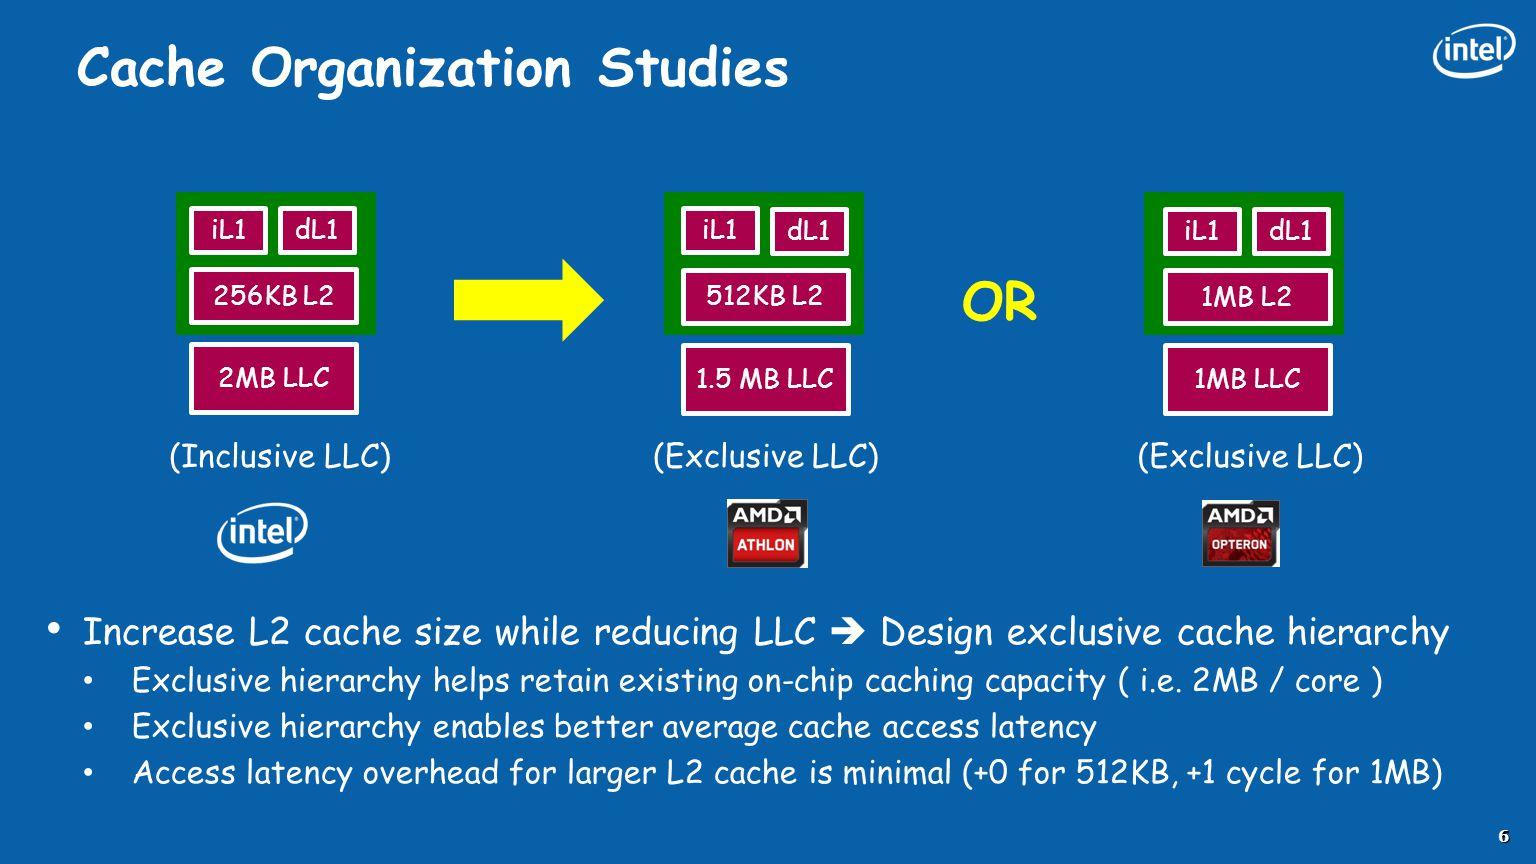 Cache Organization Studies